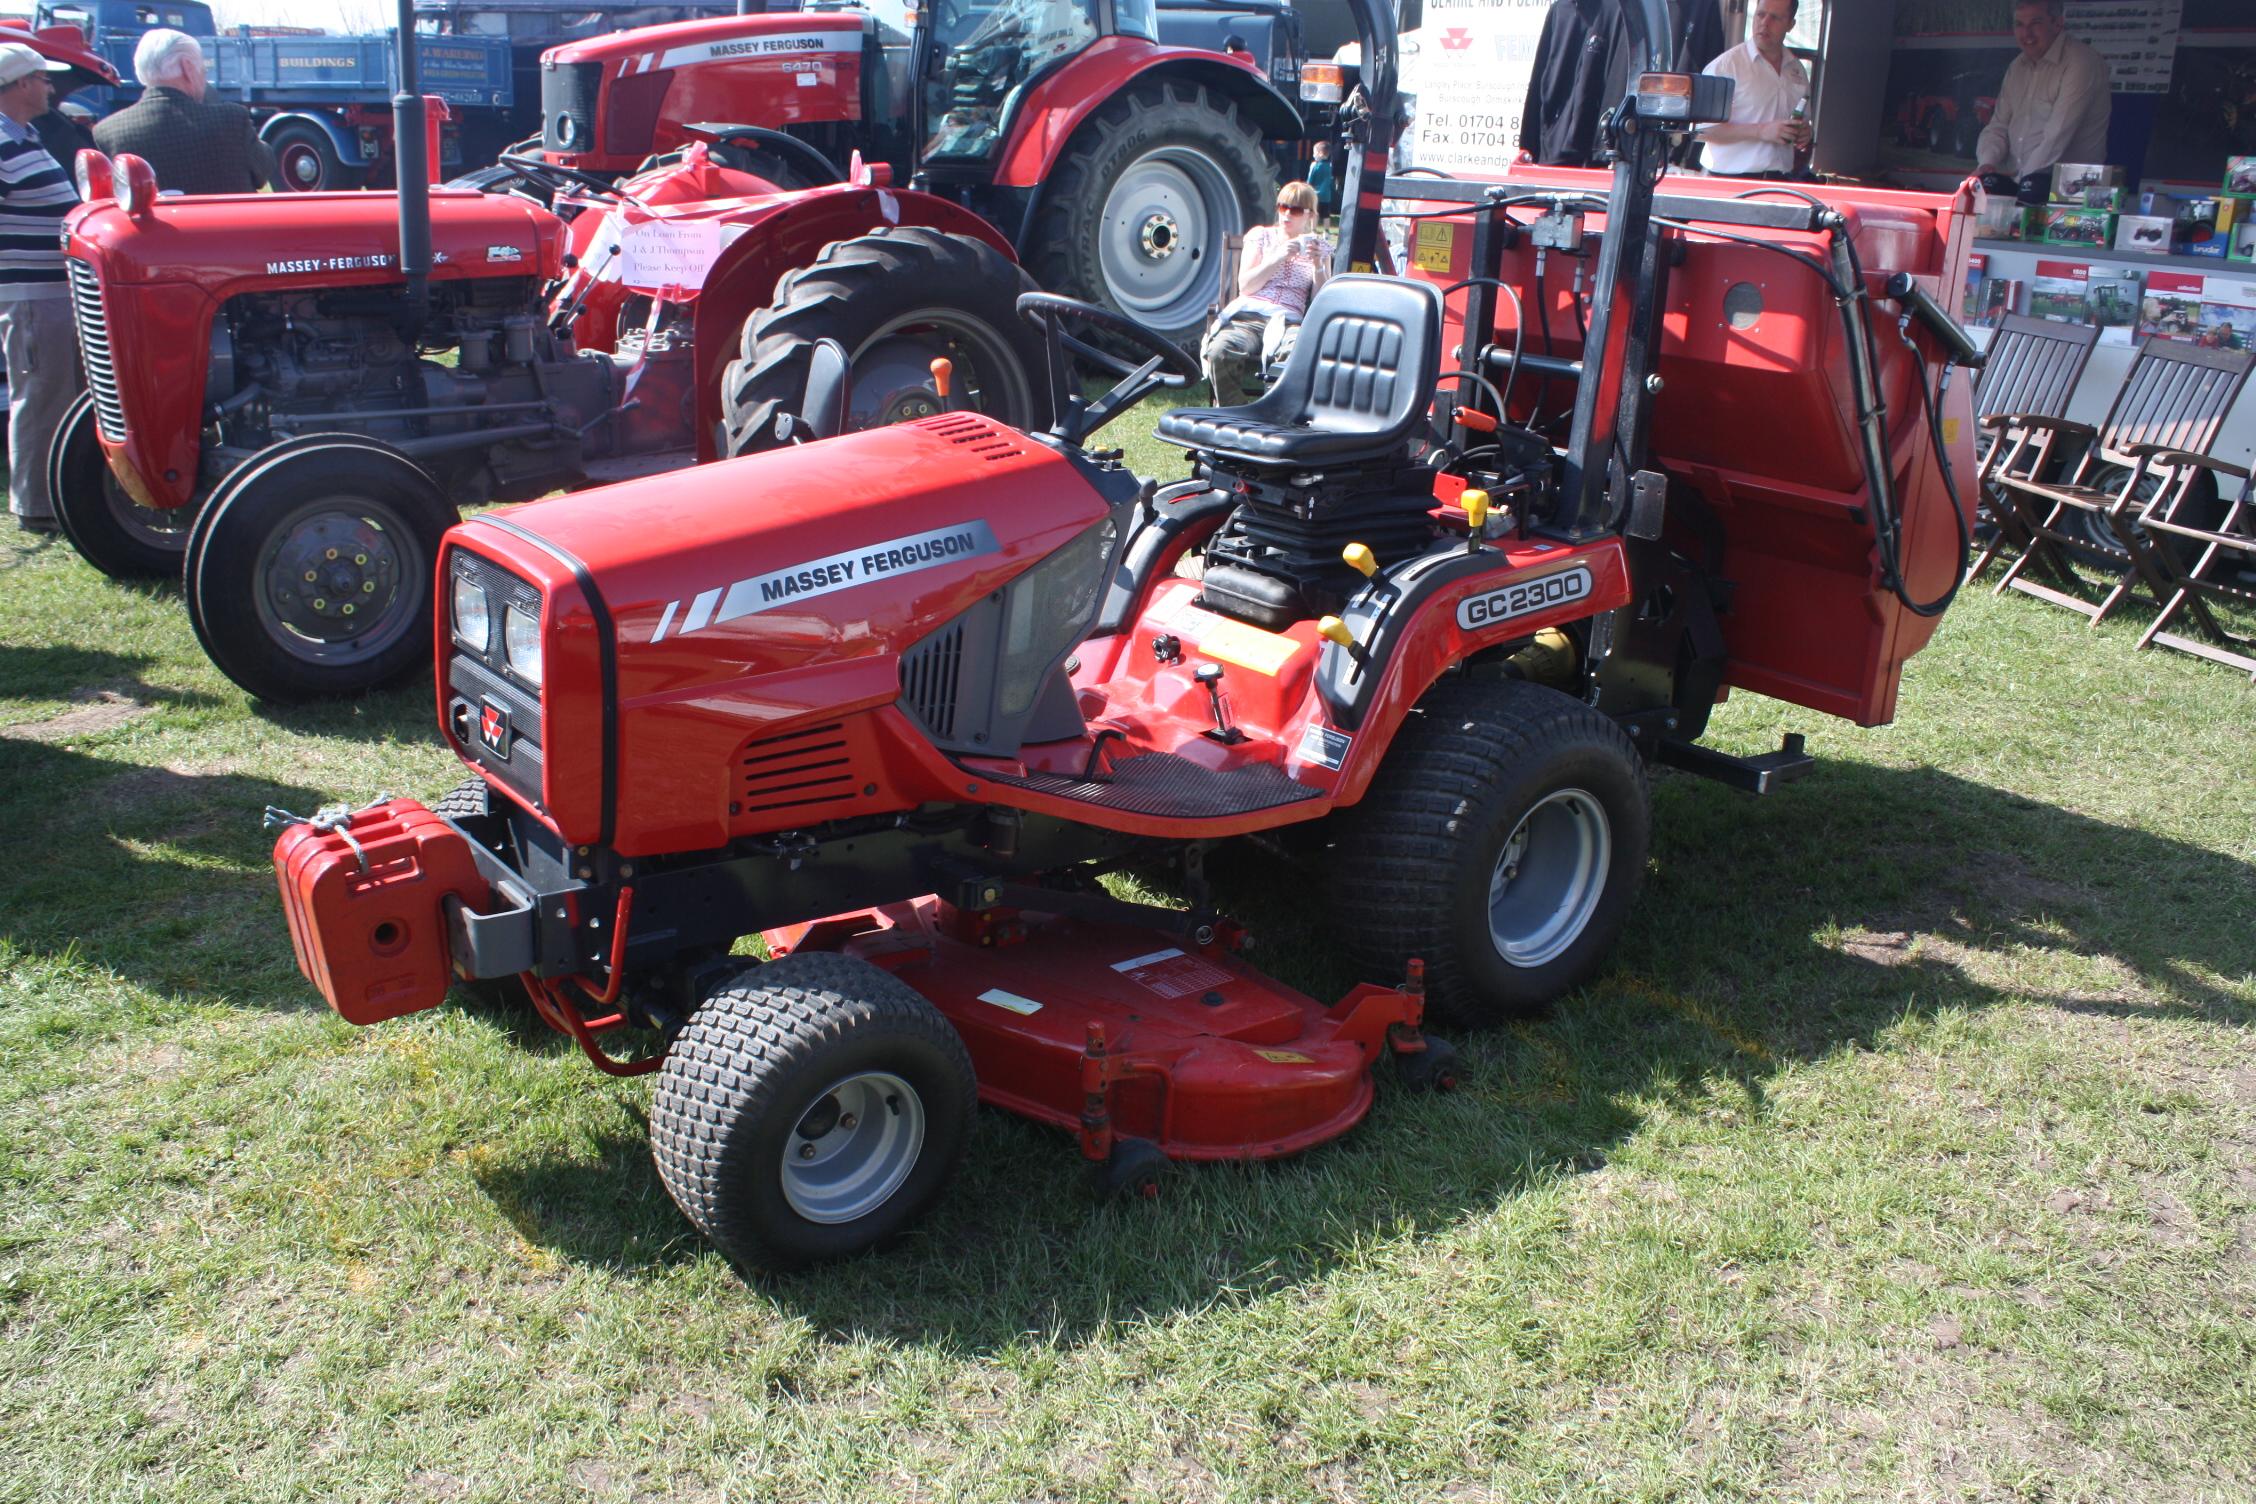 Massey Ferguson GC2300 Mower At Riverside 09   IMG 7486